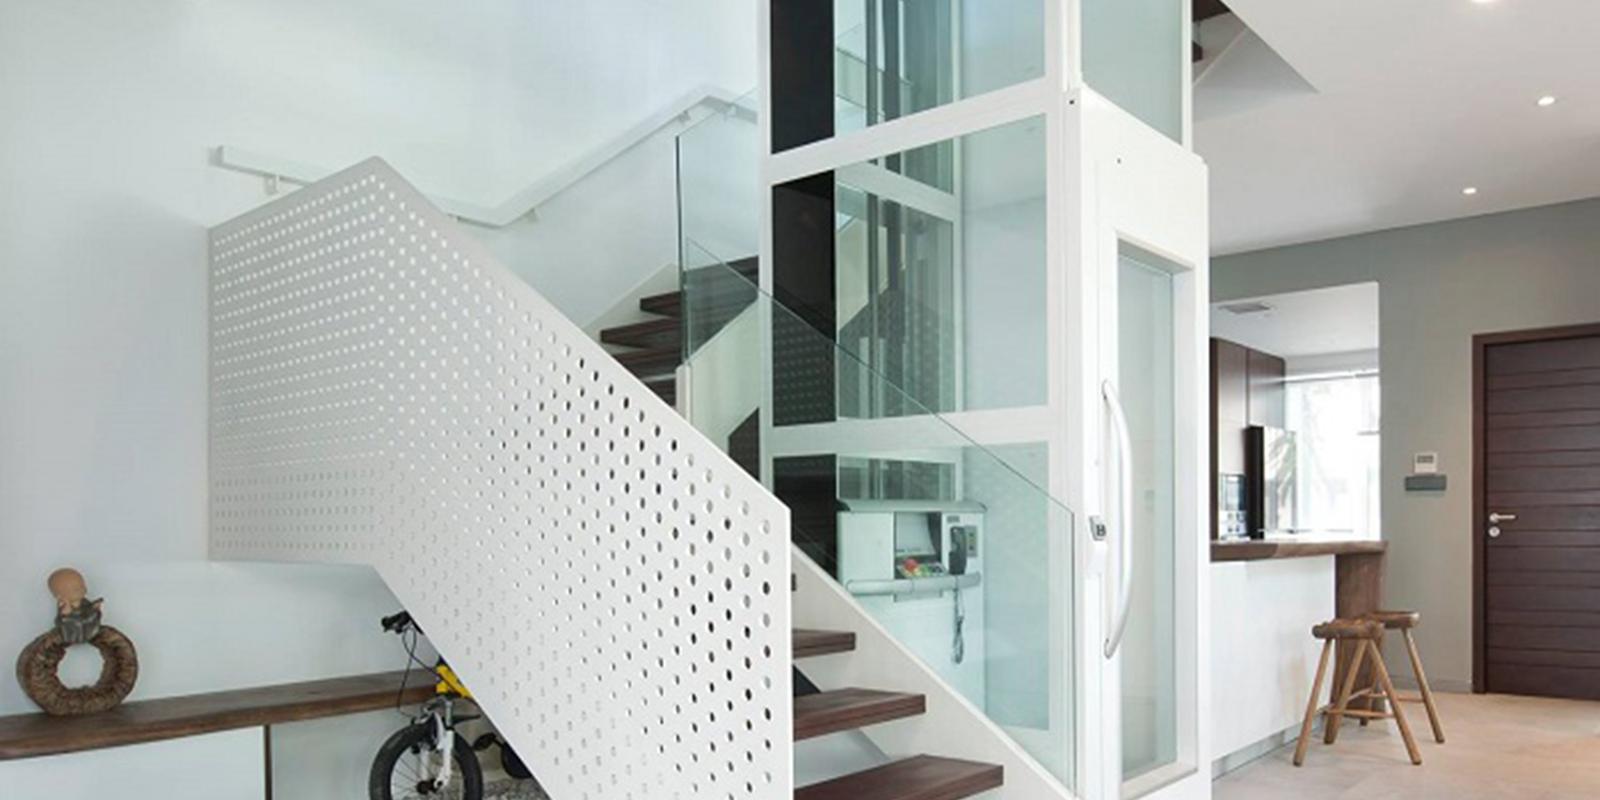 Lift, Aesy liften, huislift, The Art of Living